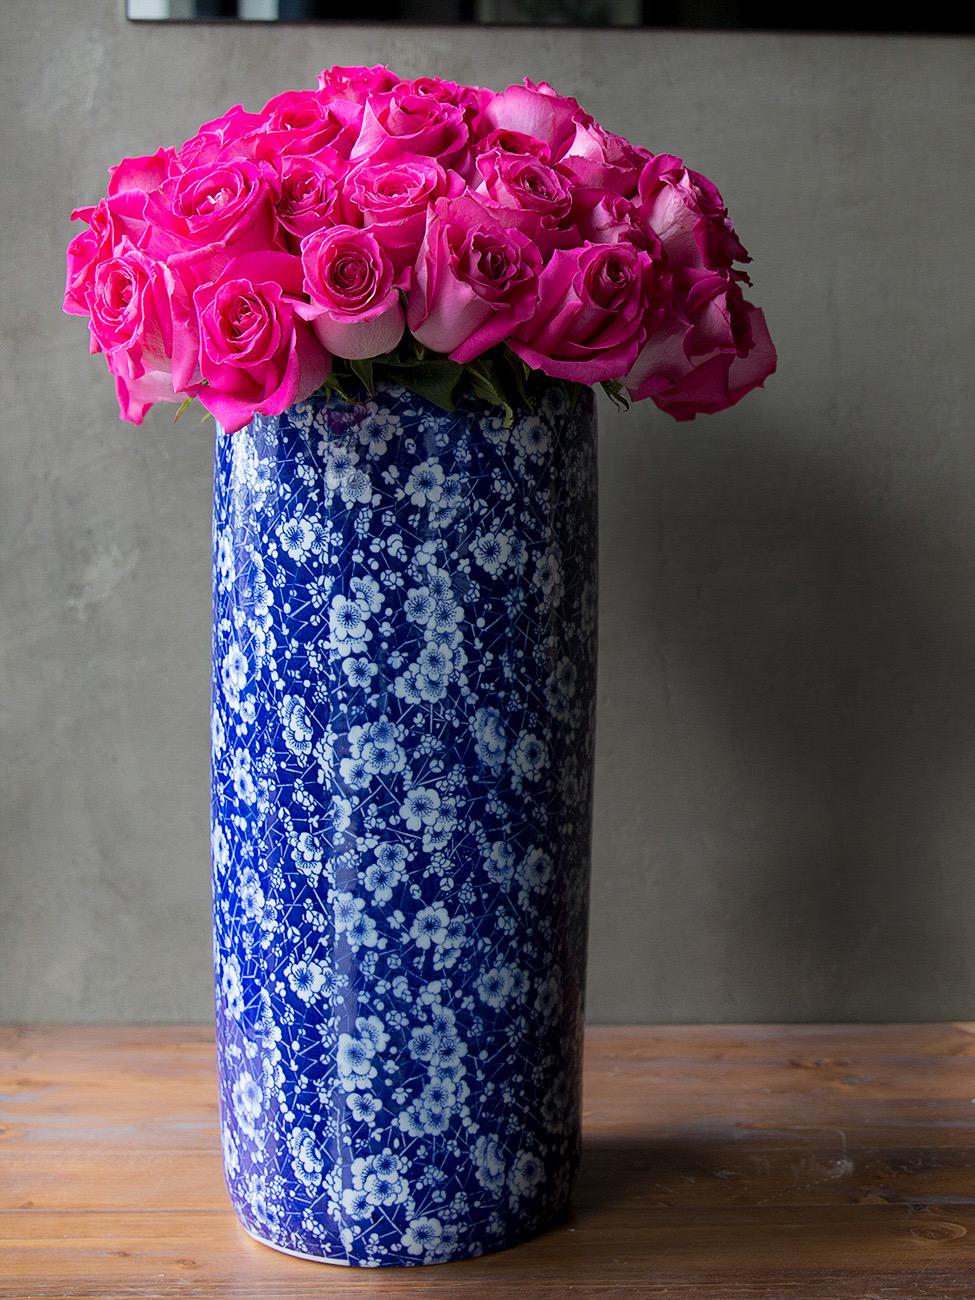 الزينة 'زهور مع قاعدة'